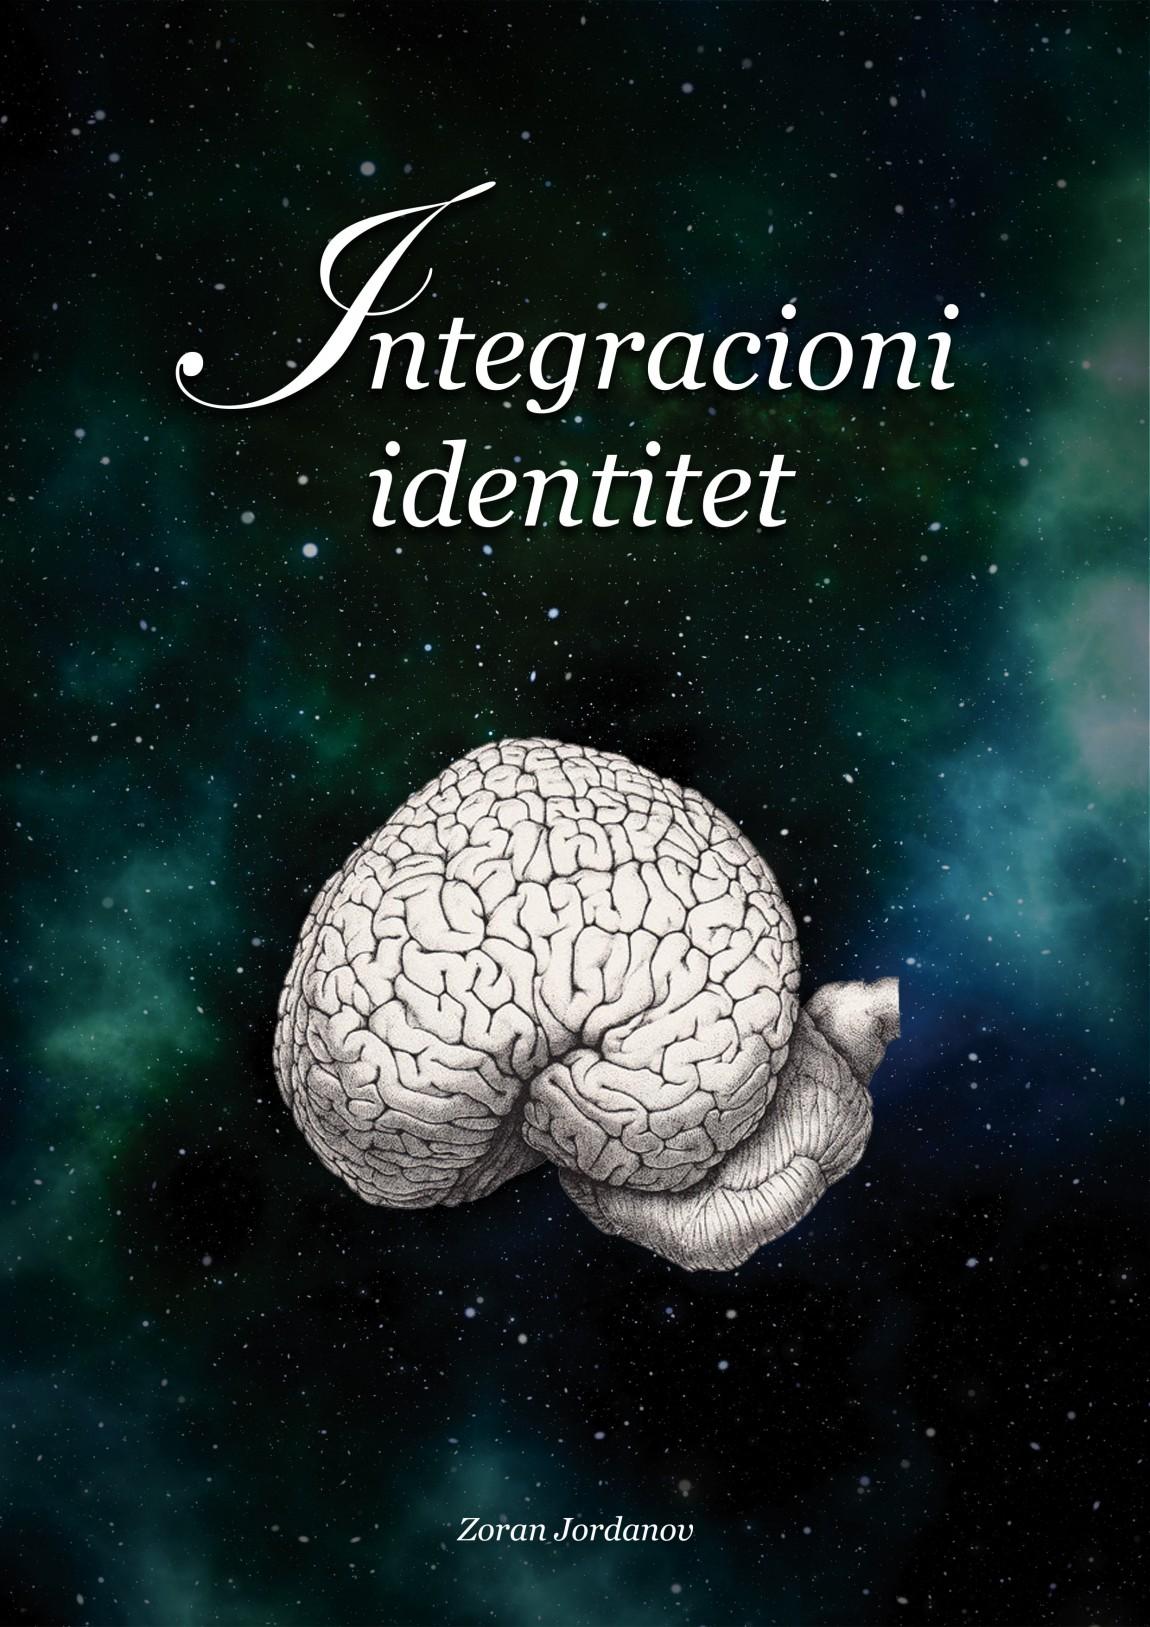 Integracioni-Identitet-1-min.jpg